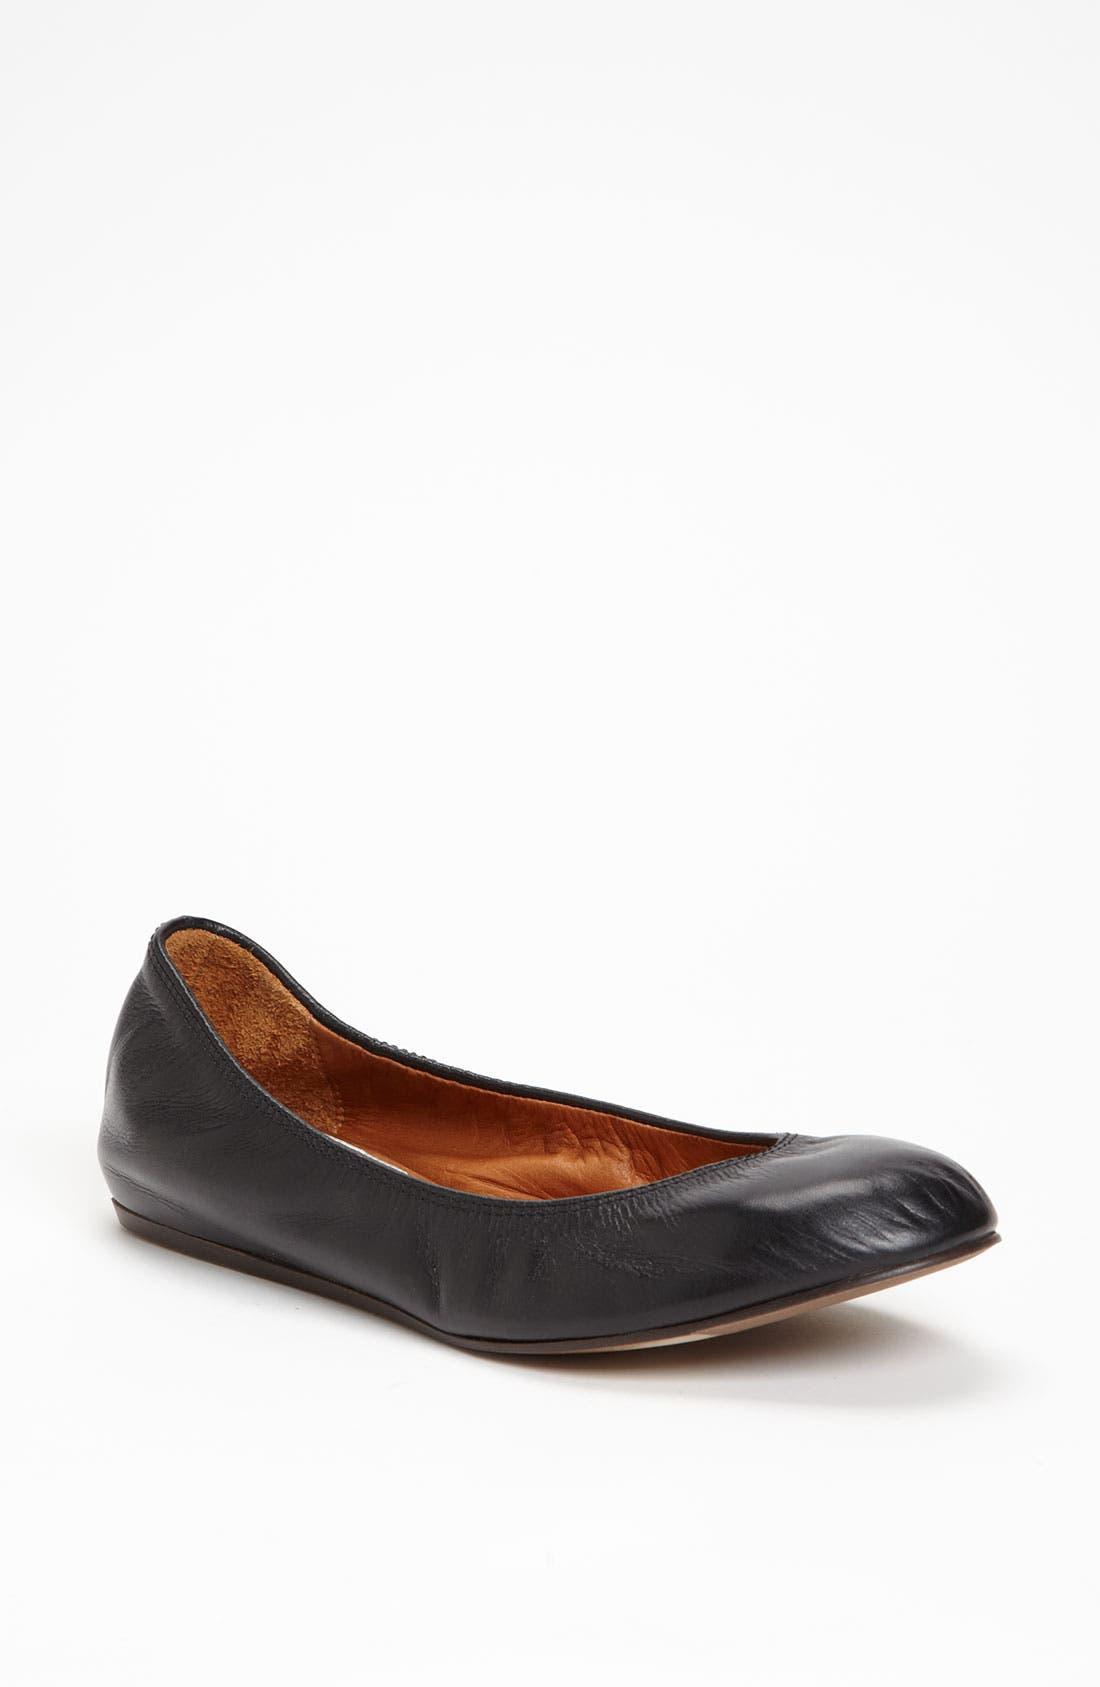 Main Image - Lanvin Leather Ballerina Flat